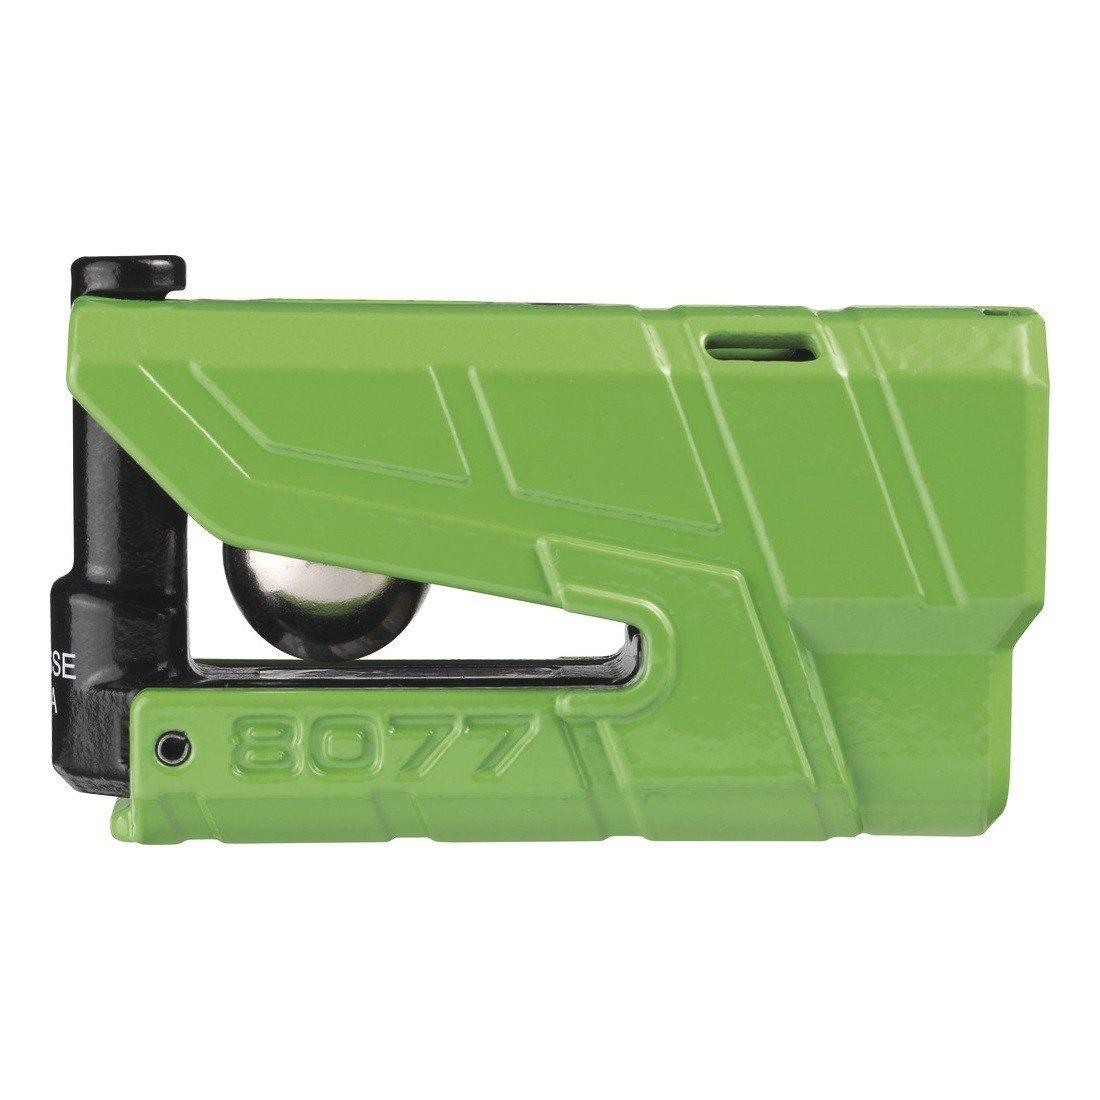 Bezpečnostní zámek na kotouč brzdy s alarmem a pohybovým čidlem 360° ABUS Granit Detecto 8077 (zelený)